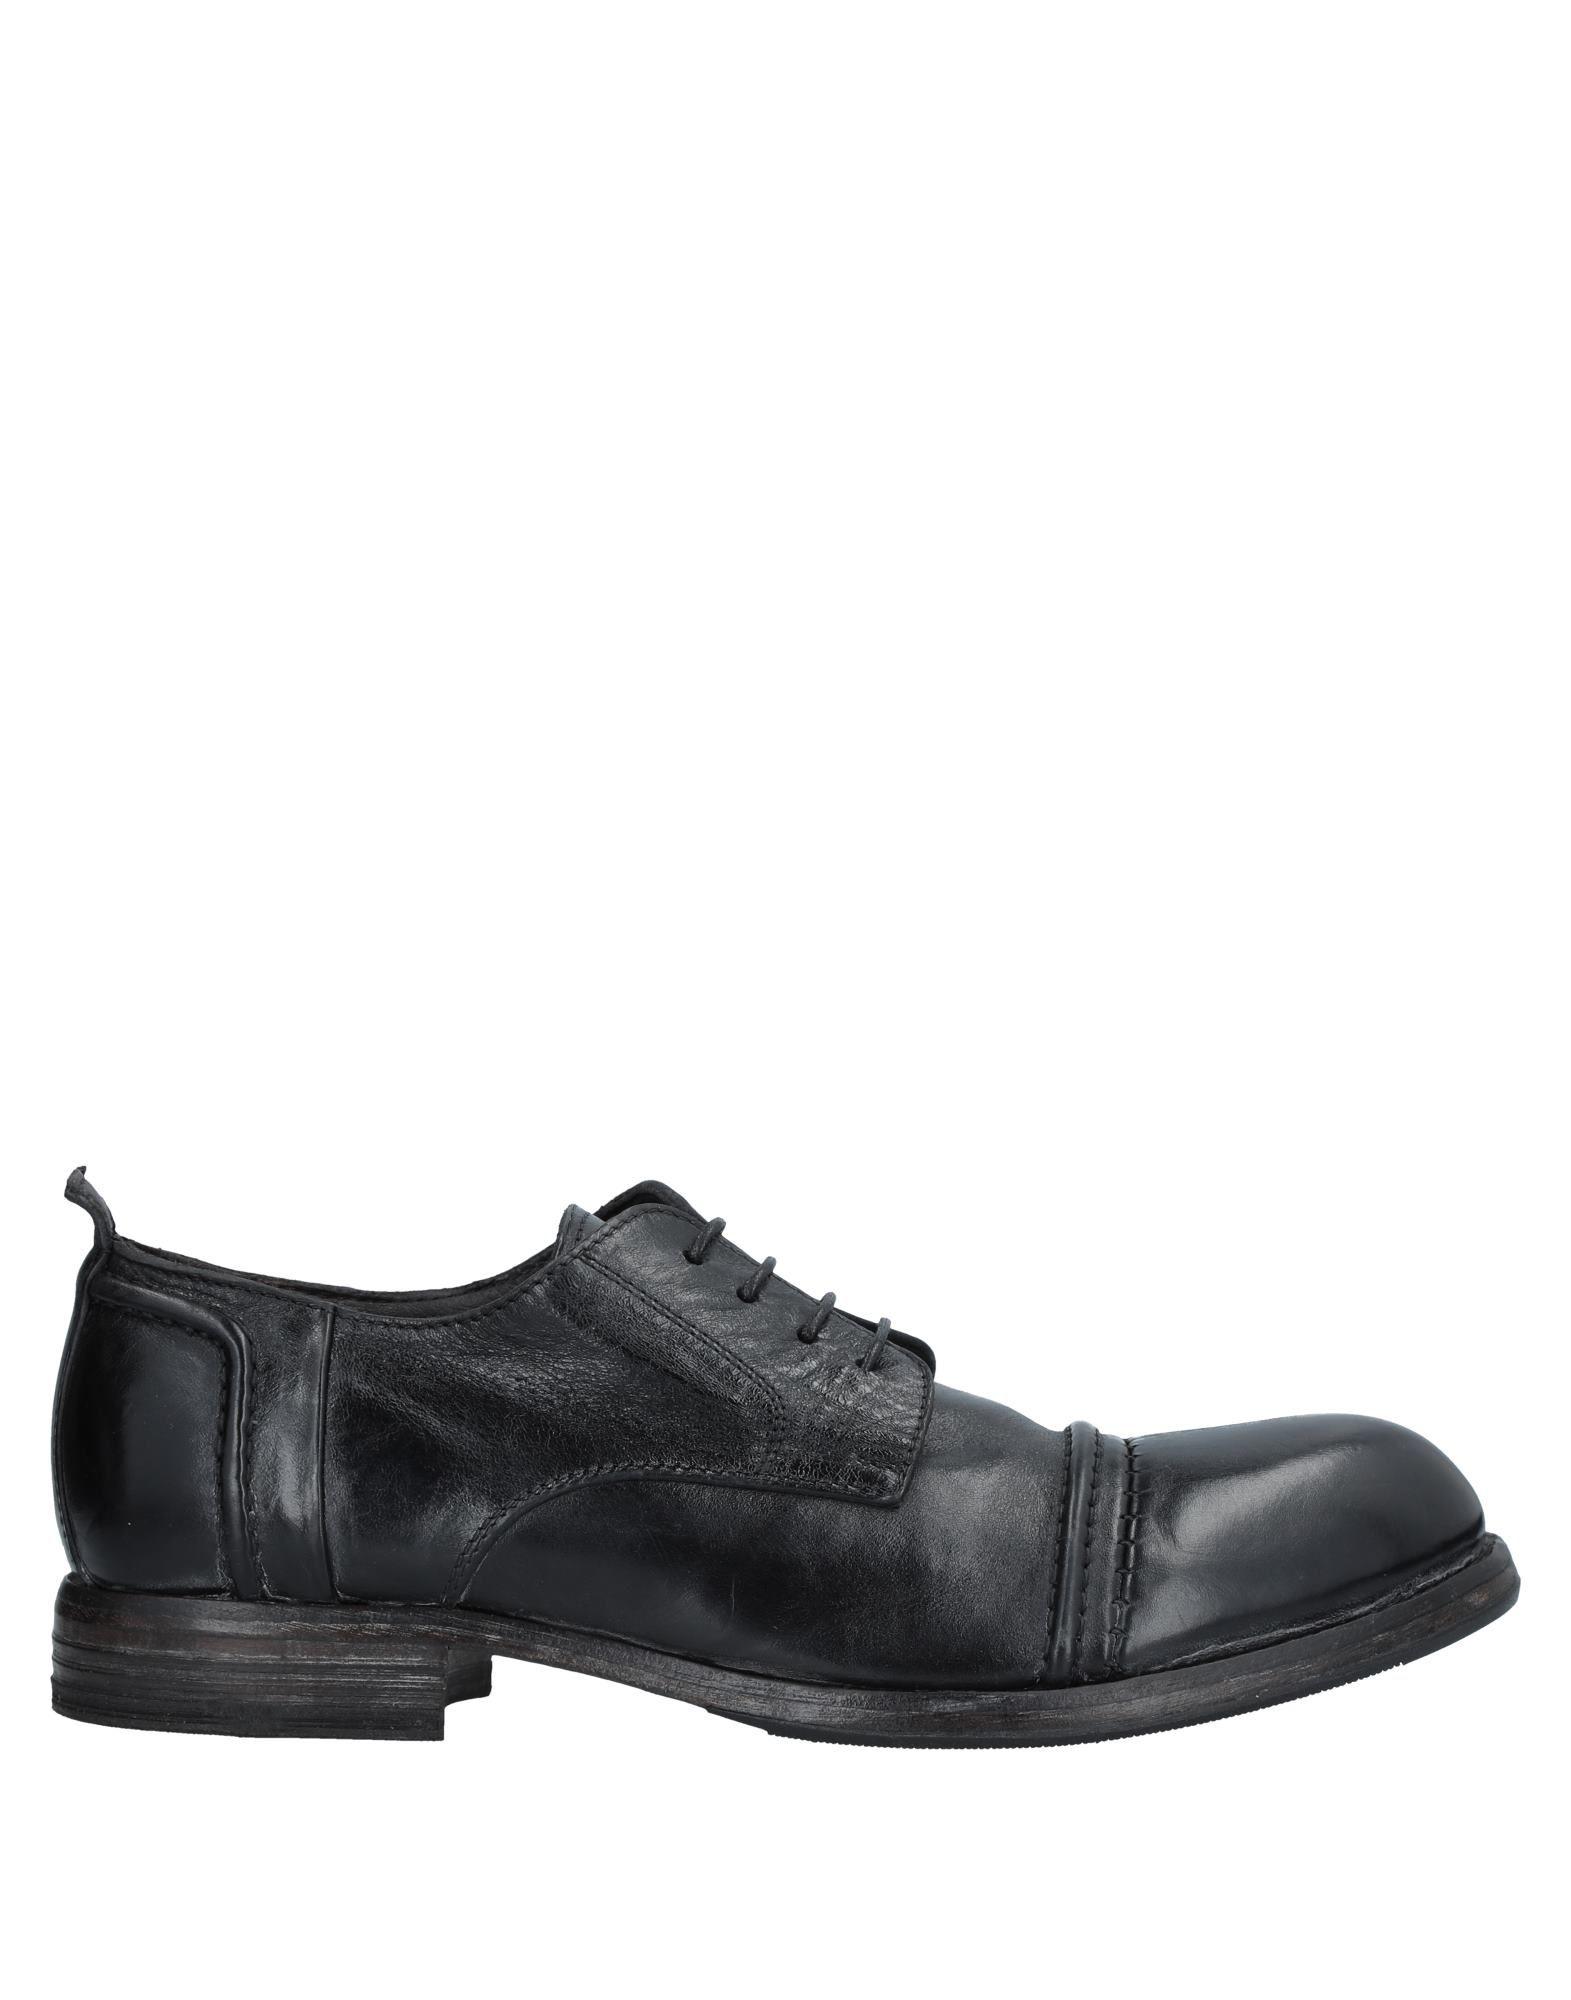 Moma Schnürschuhe Herren  11538007PW Gute Qualität beliebte Schuhe